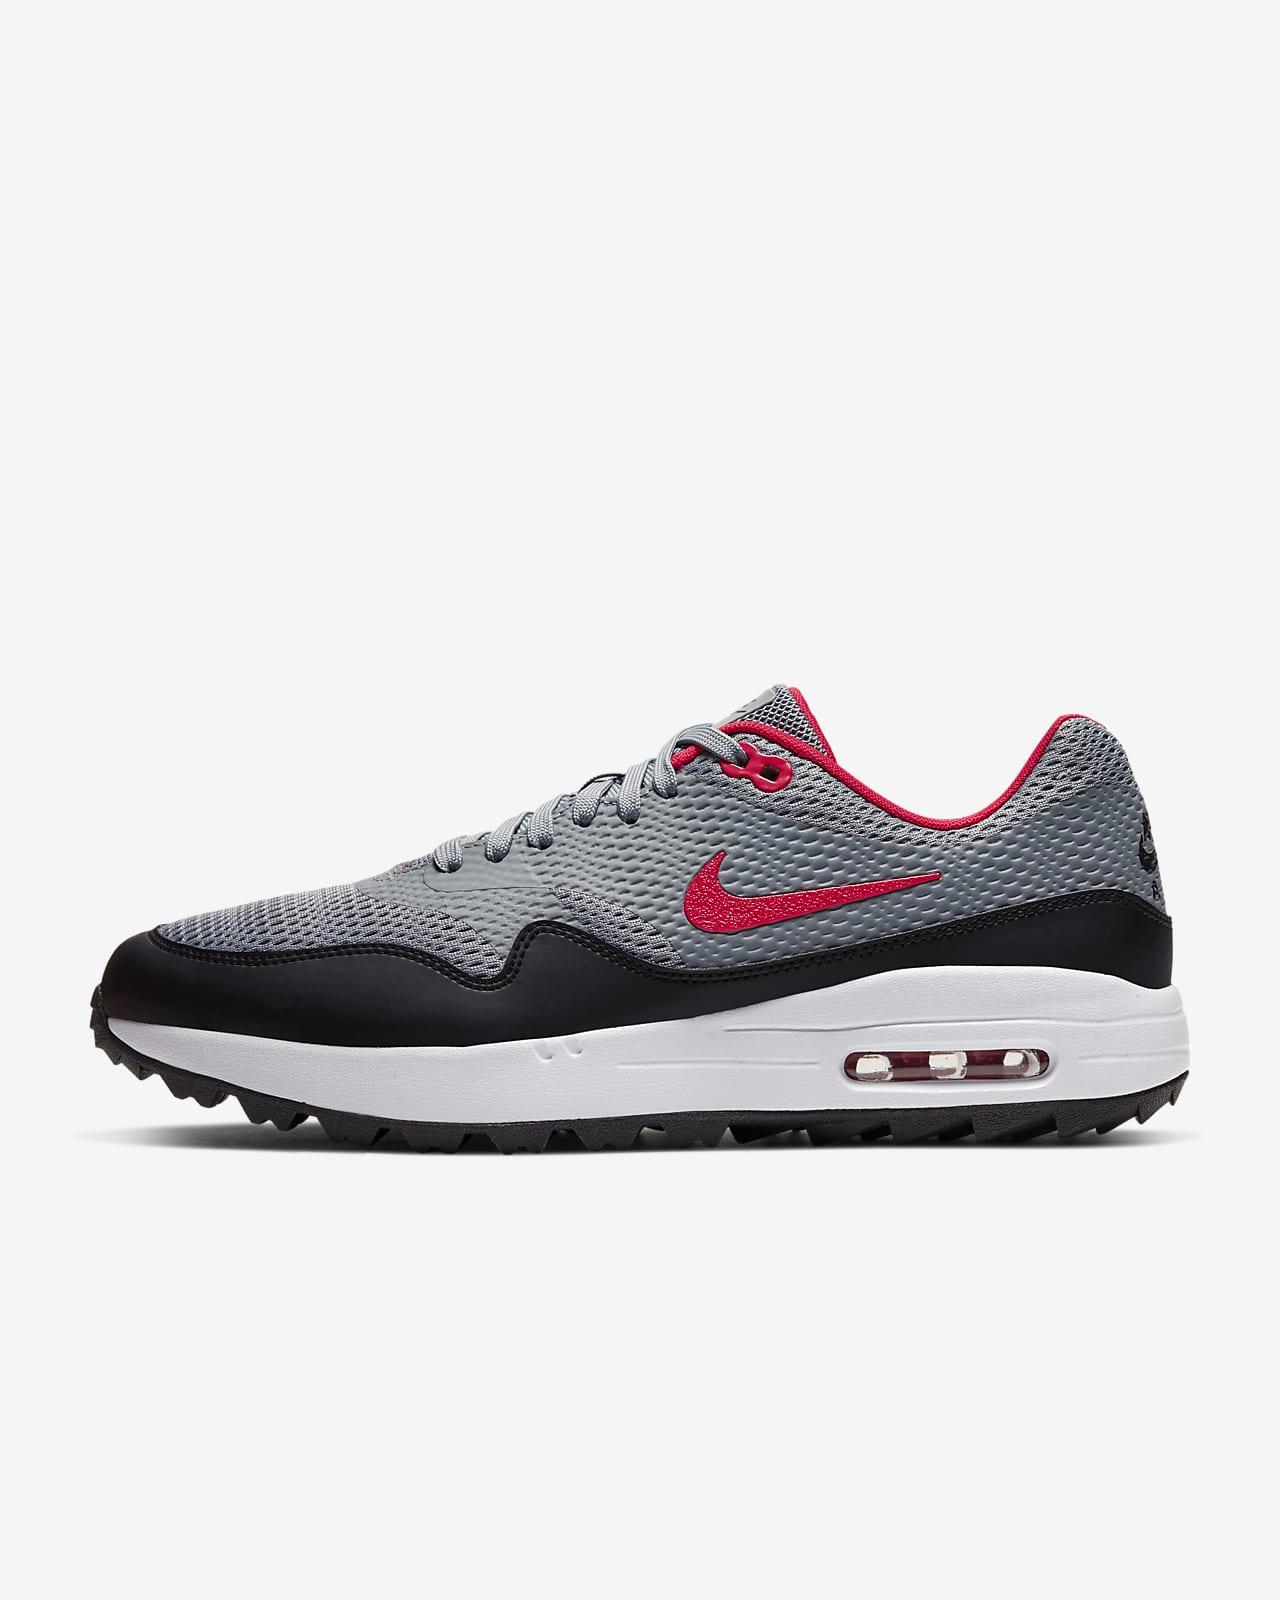 รองเท้ากอล์ฟผู้ชาย Nike Air Max 1 G